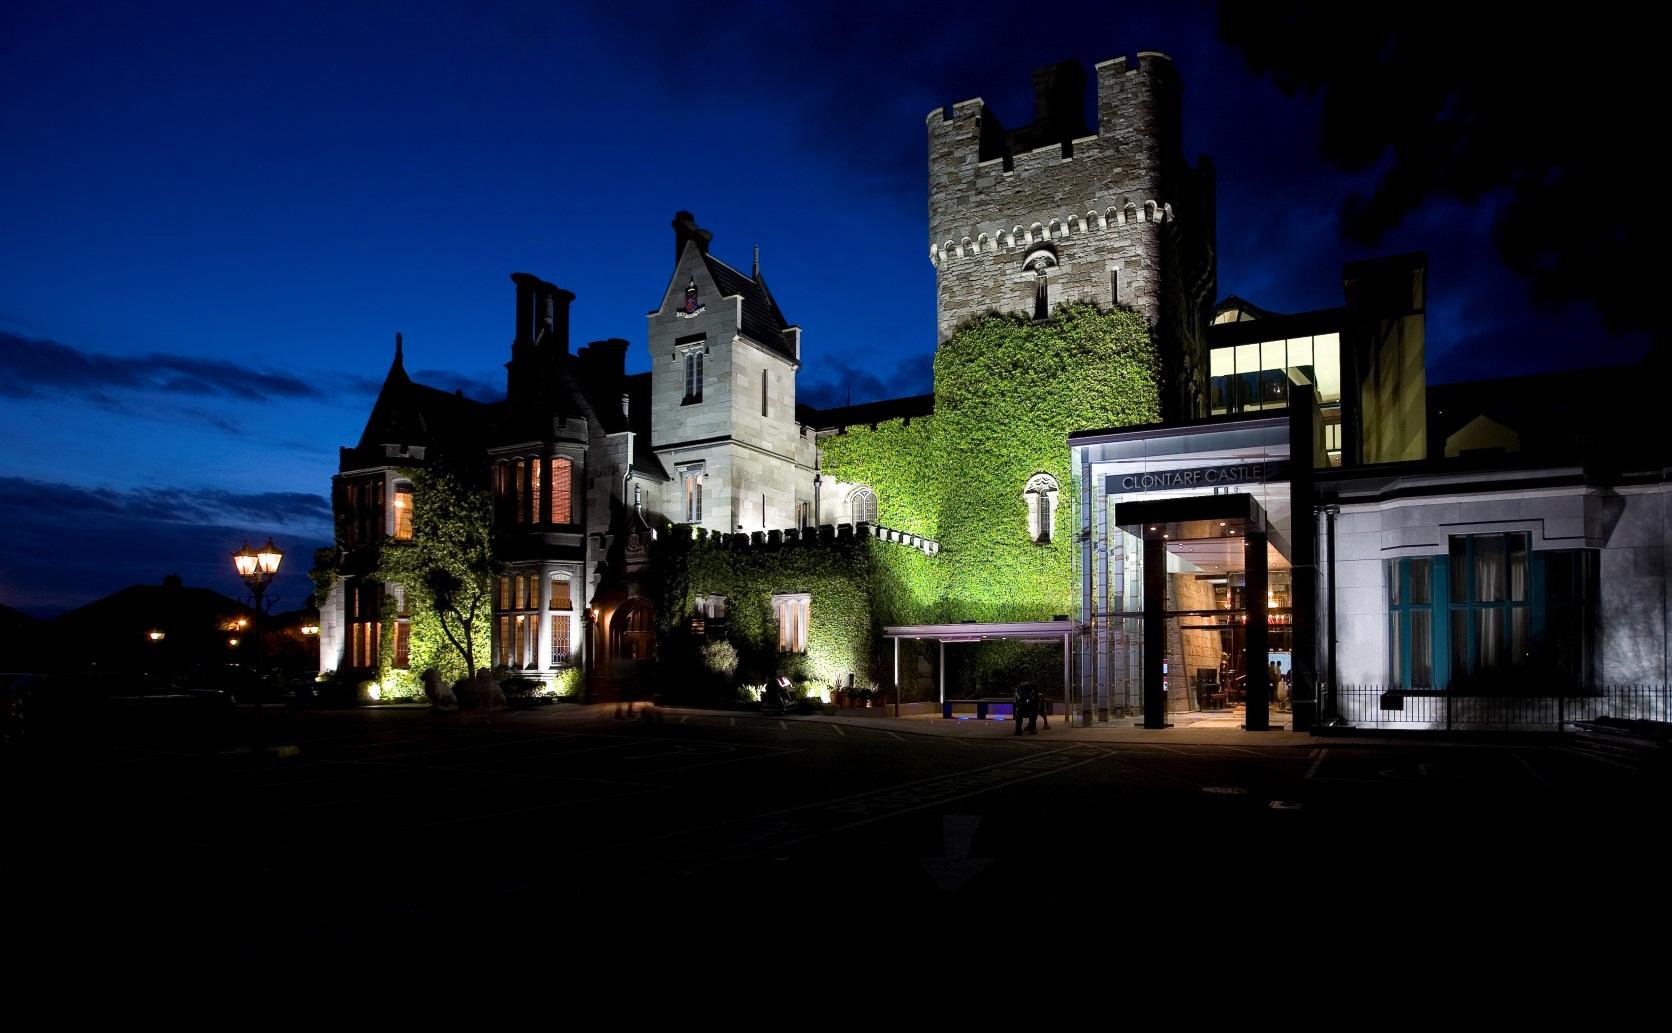 Hotel Suites Dublin Ireland